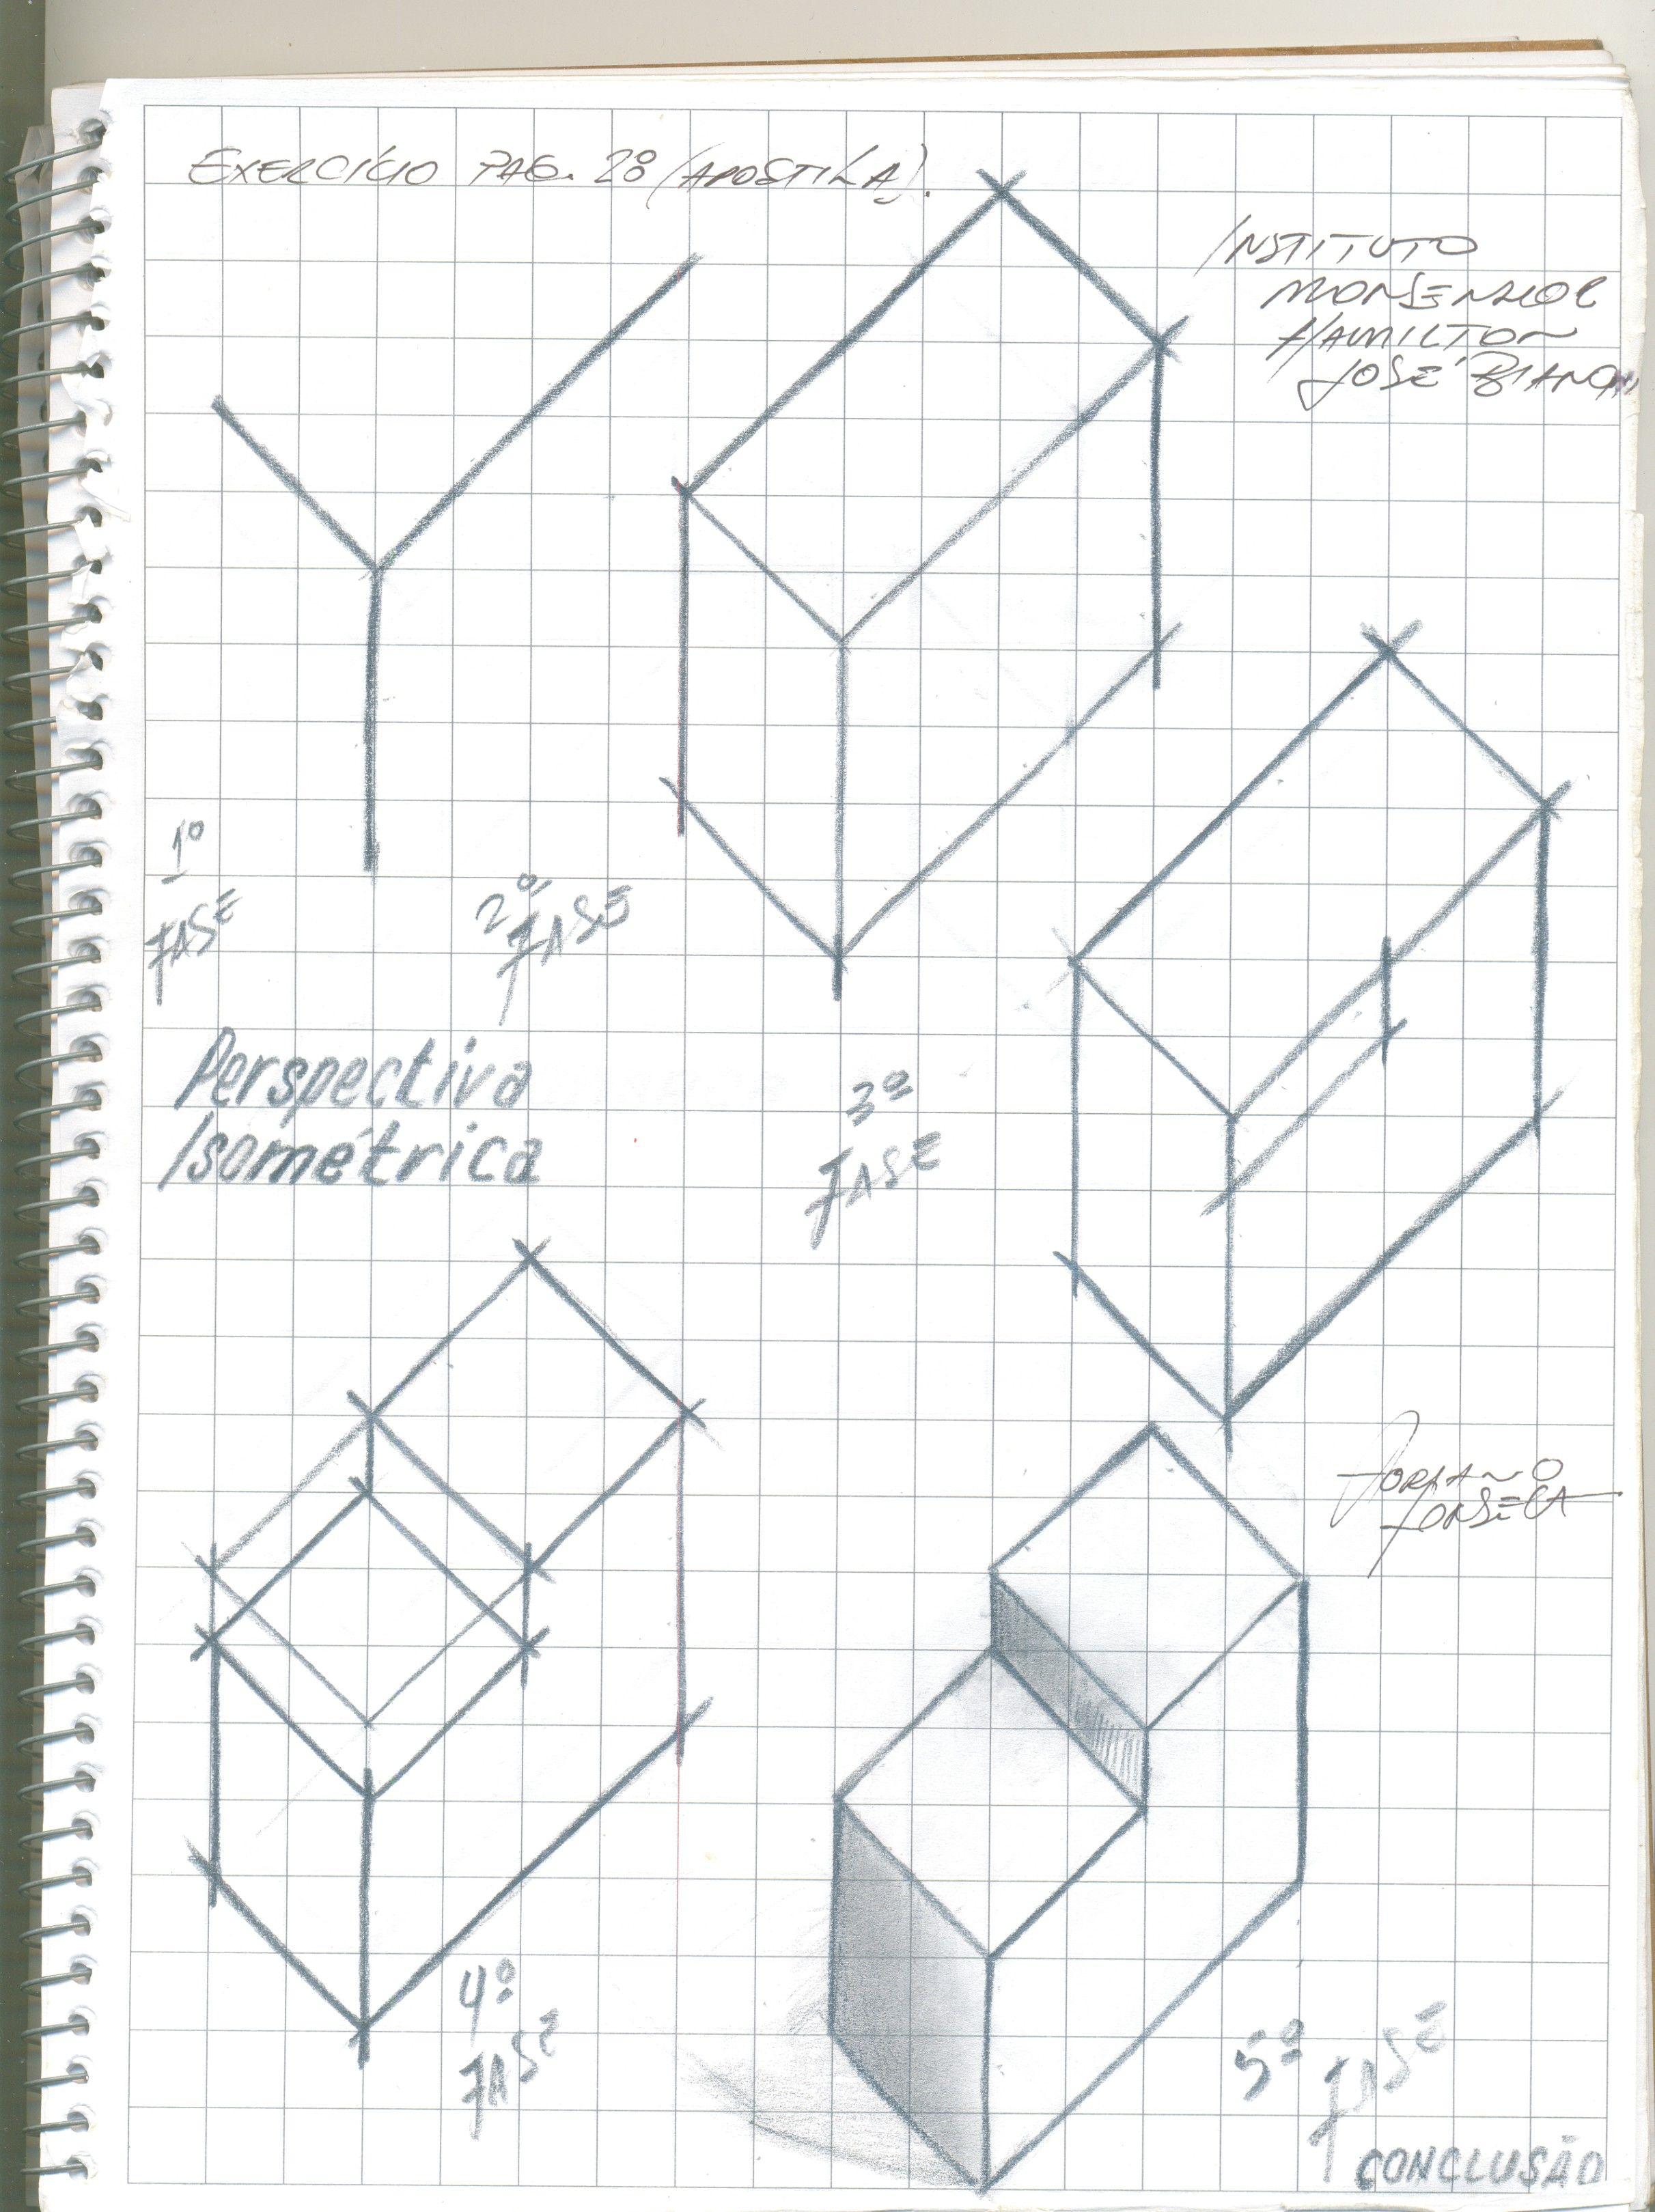 desenho tecnico a ma o livre estudos desenhista de meca nica